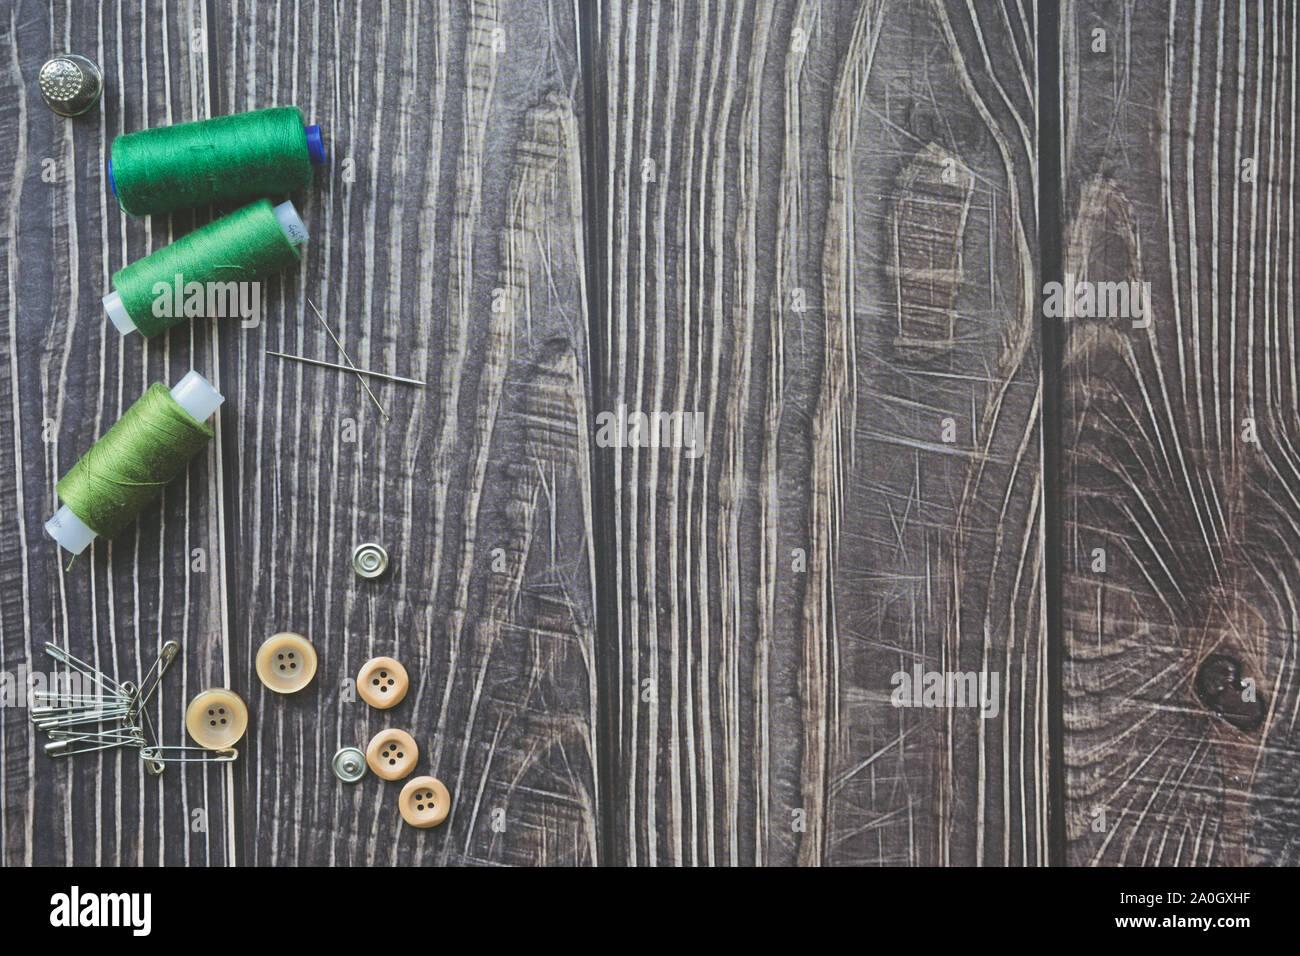 Accessoires de couture sur fond de bois sombre. Fils à coudre, Aiguille verte, les boutons et les axes. Vue de dessus, flatlay Banque D'Images